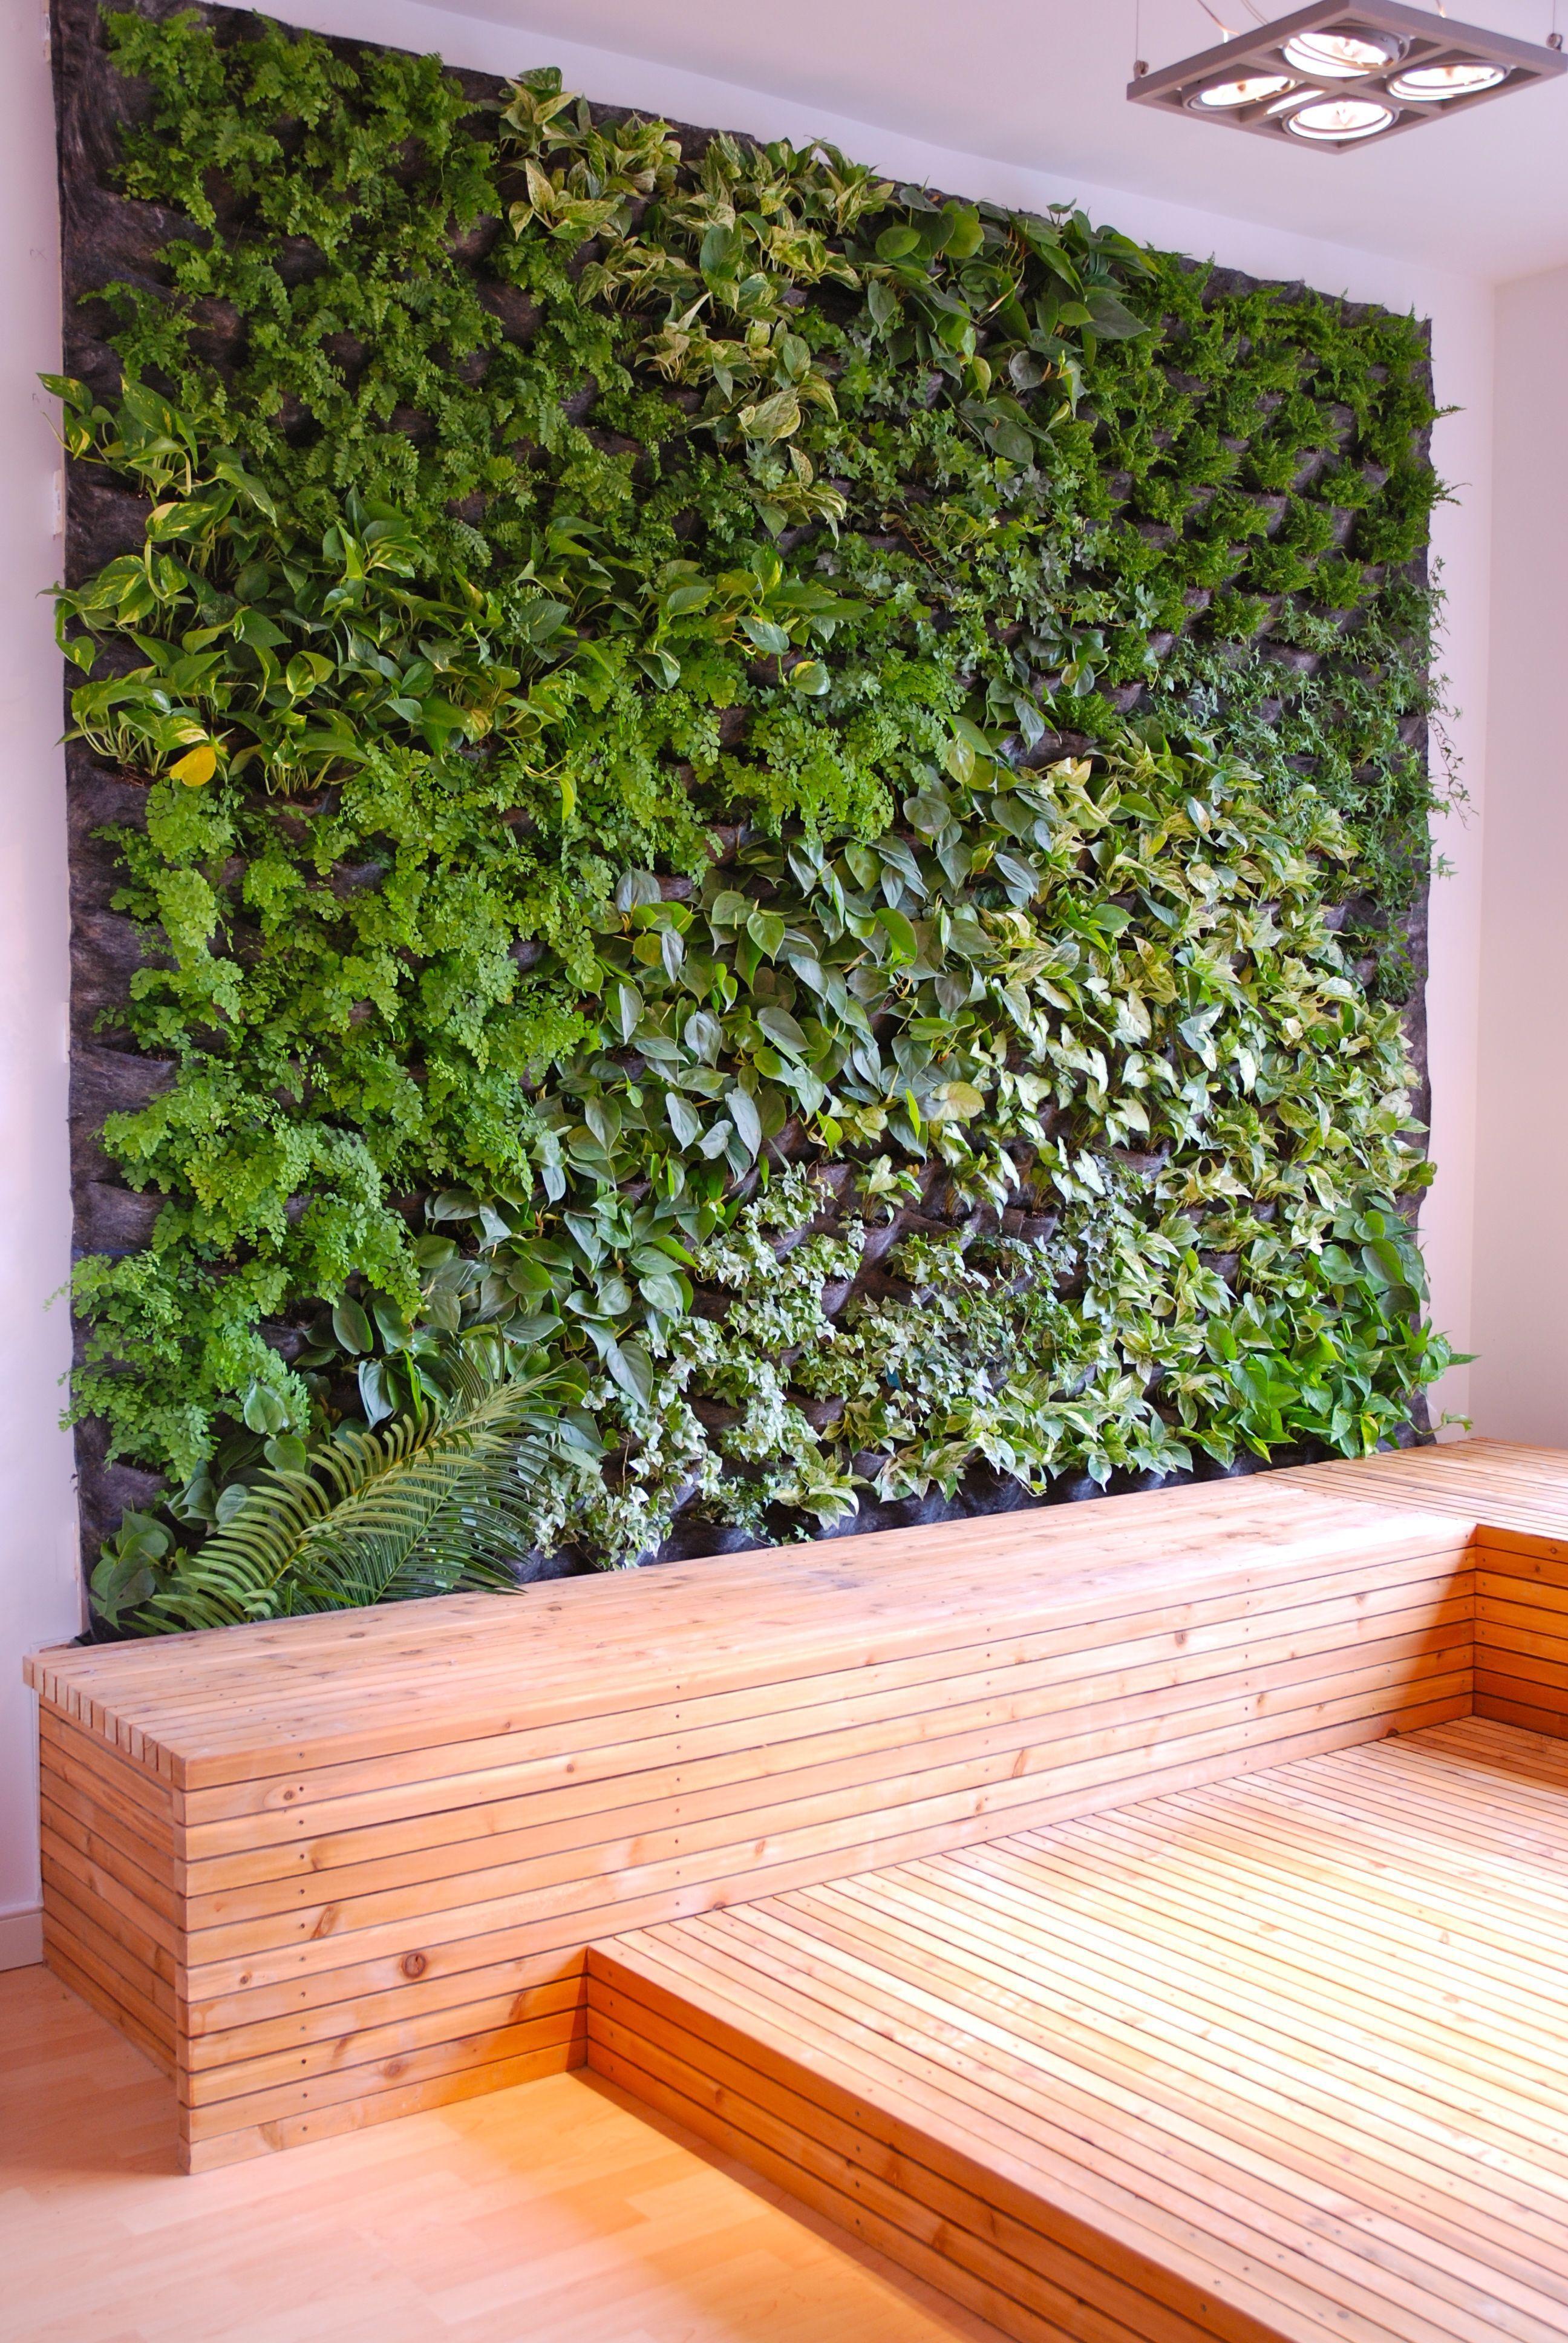 30 diy vertical garden design ideas for your home living walls vertical garden wall garden - Indoor plant wall diy ...